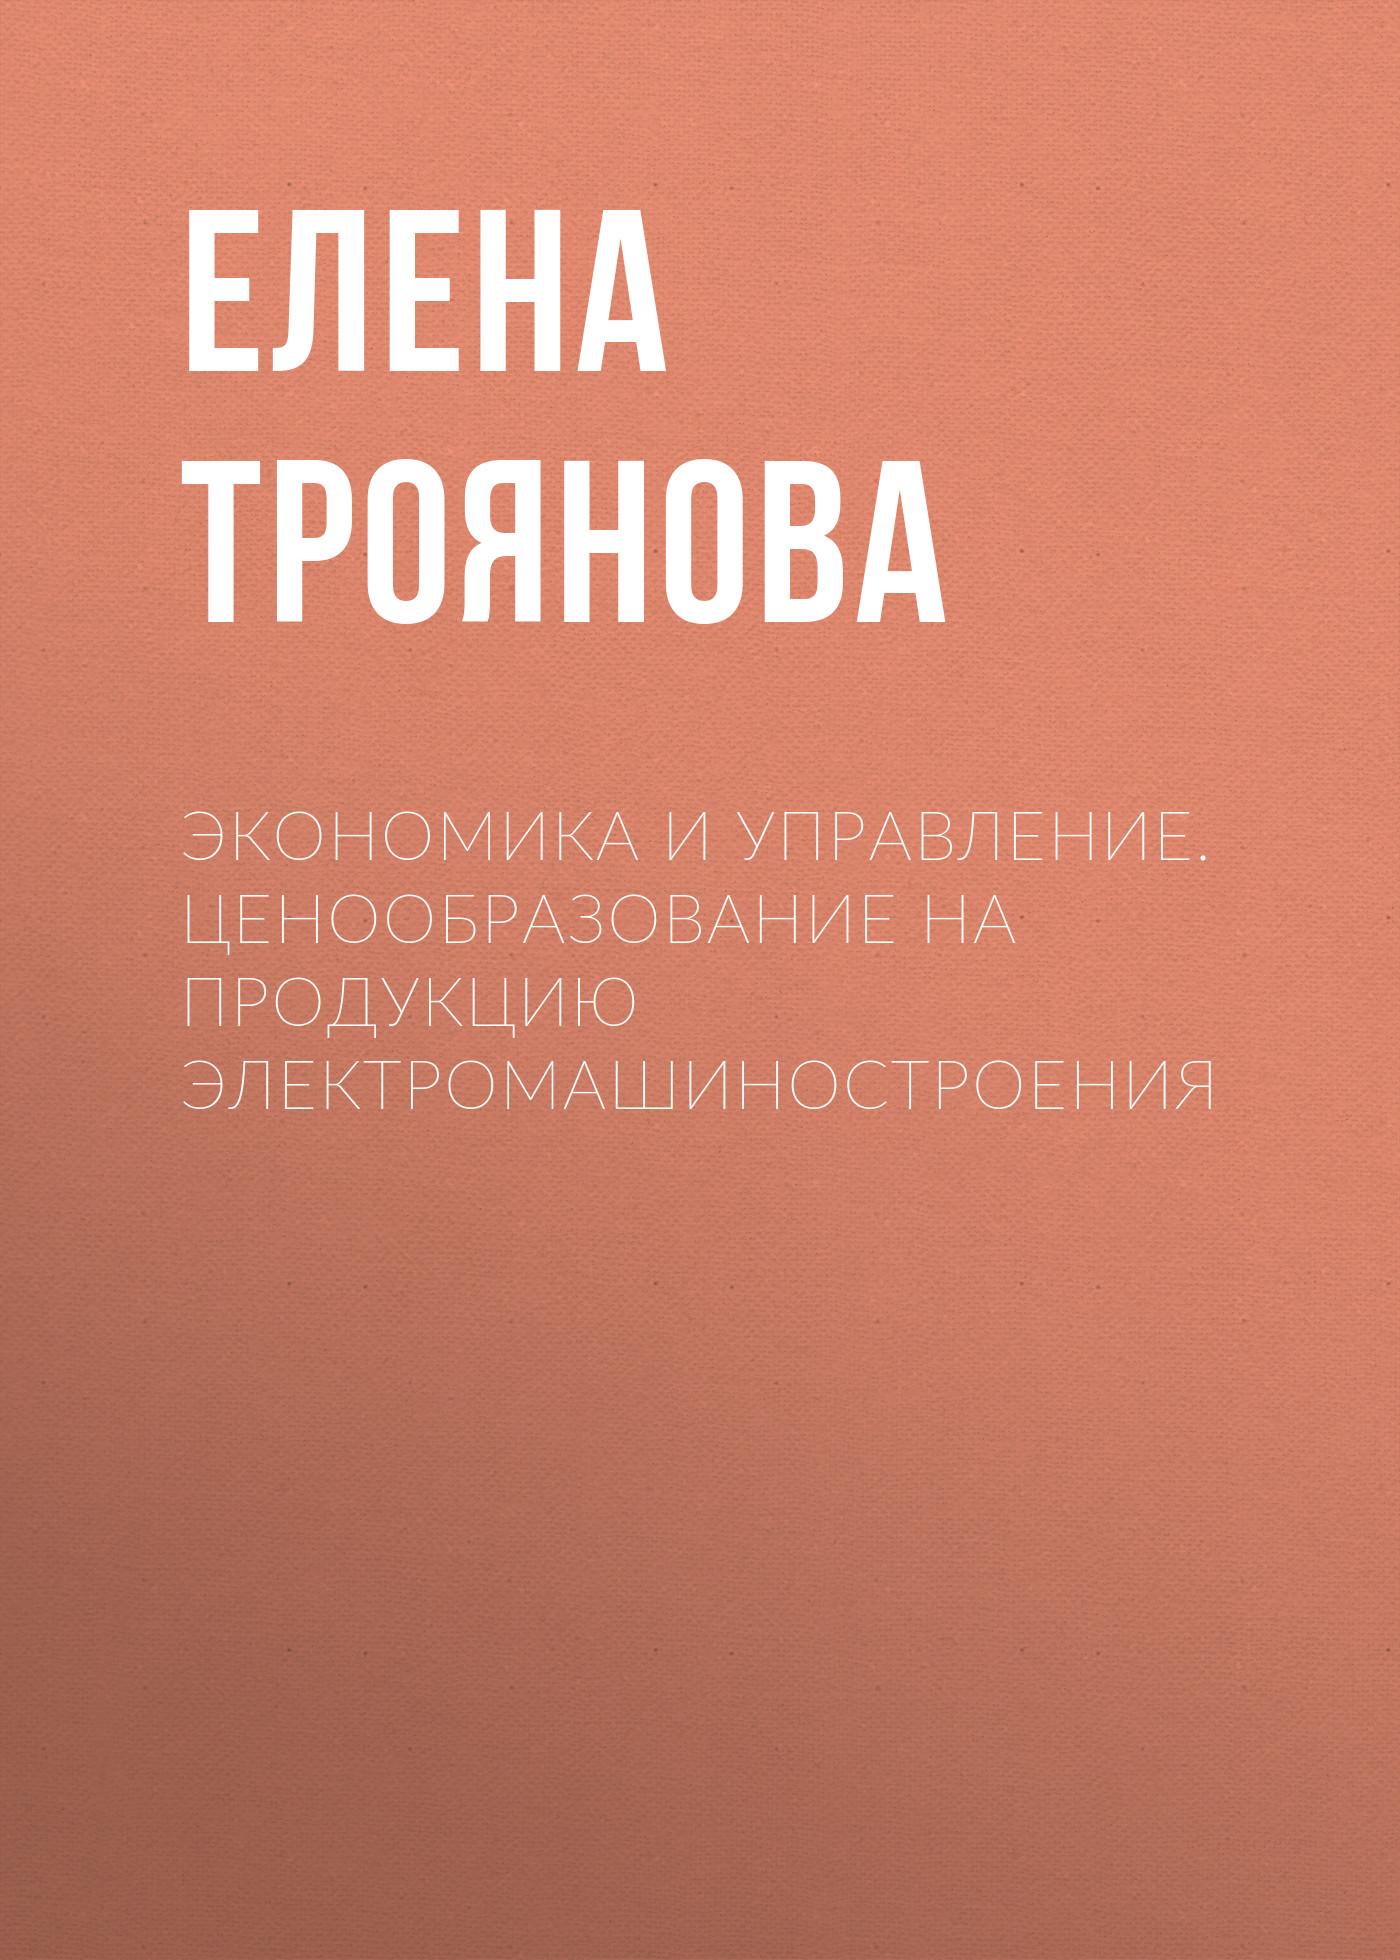 Е. Н. Троянова Экономика и управление. Ценообразование на продукцию электромашиностроения